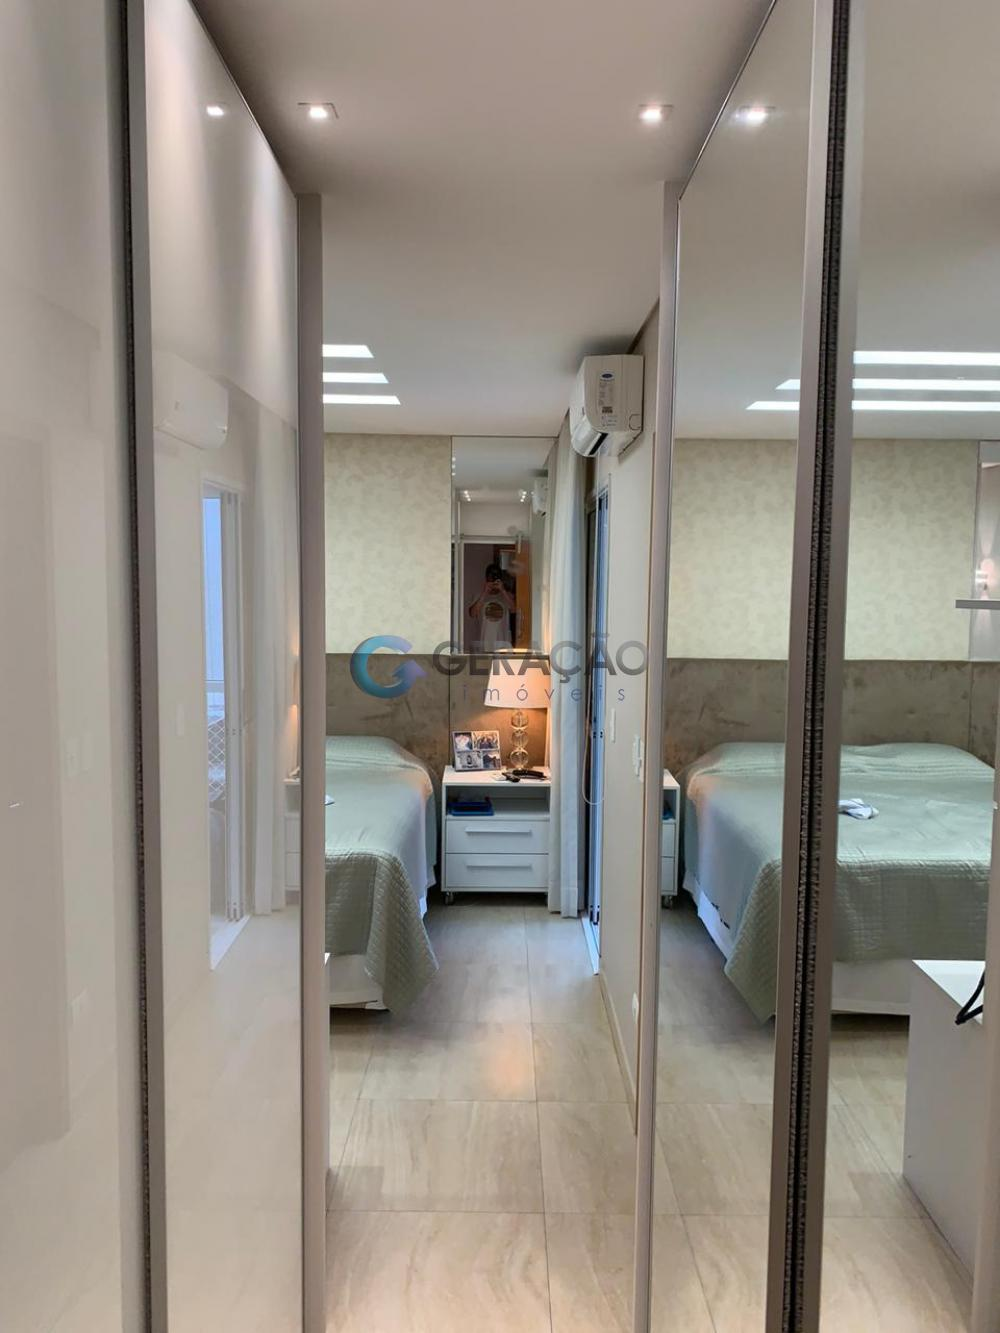 Comprar Apartamento / Padrão em São José dos Campos R$ 1.520.000,00 - Foto 19